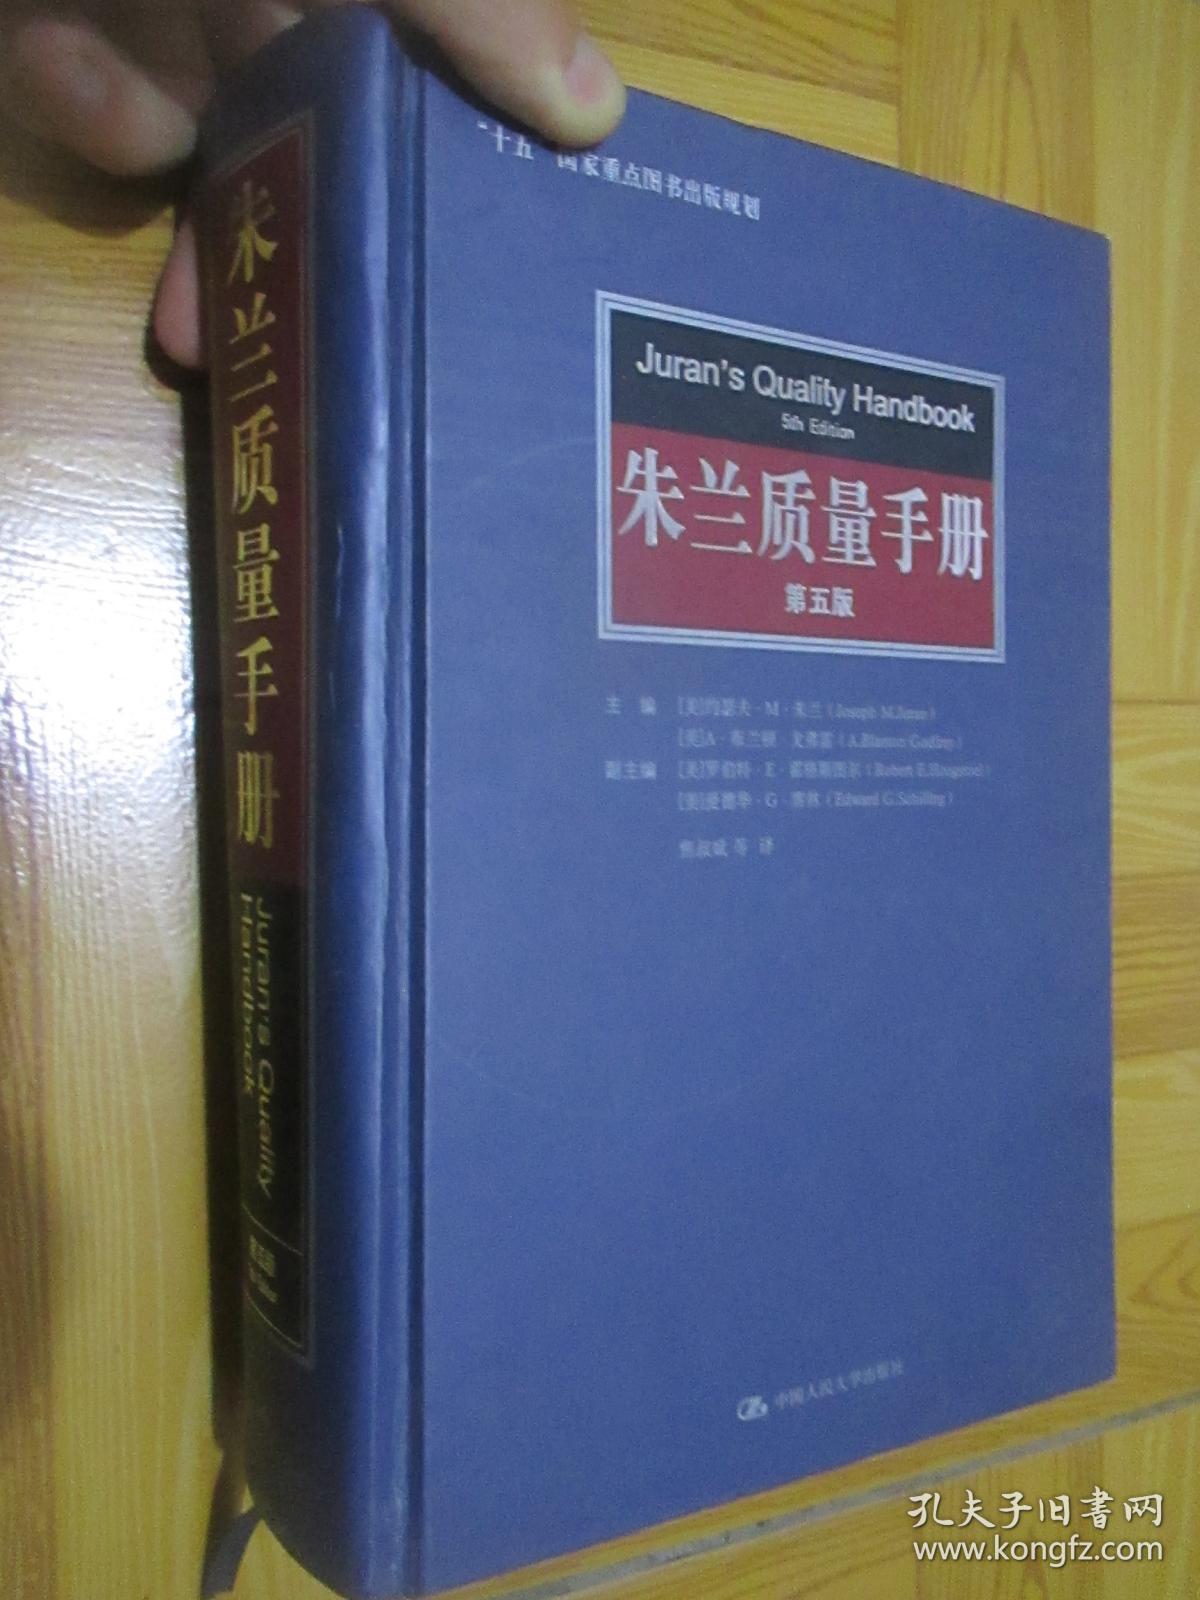 朱兰质量手册(第5版)16开,硬精装